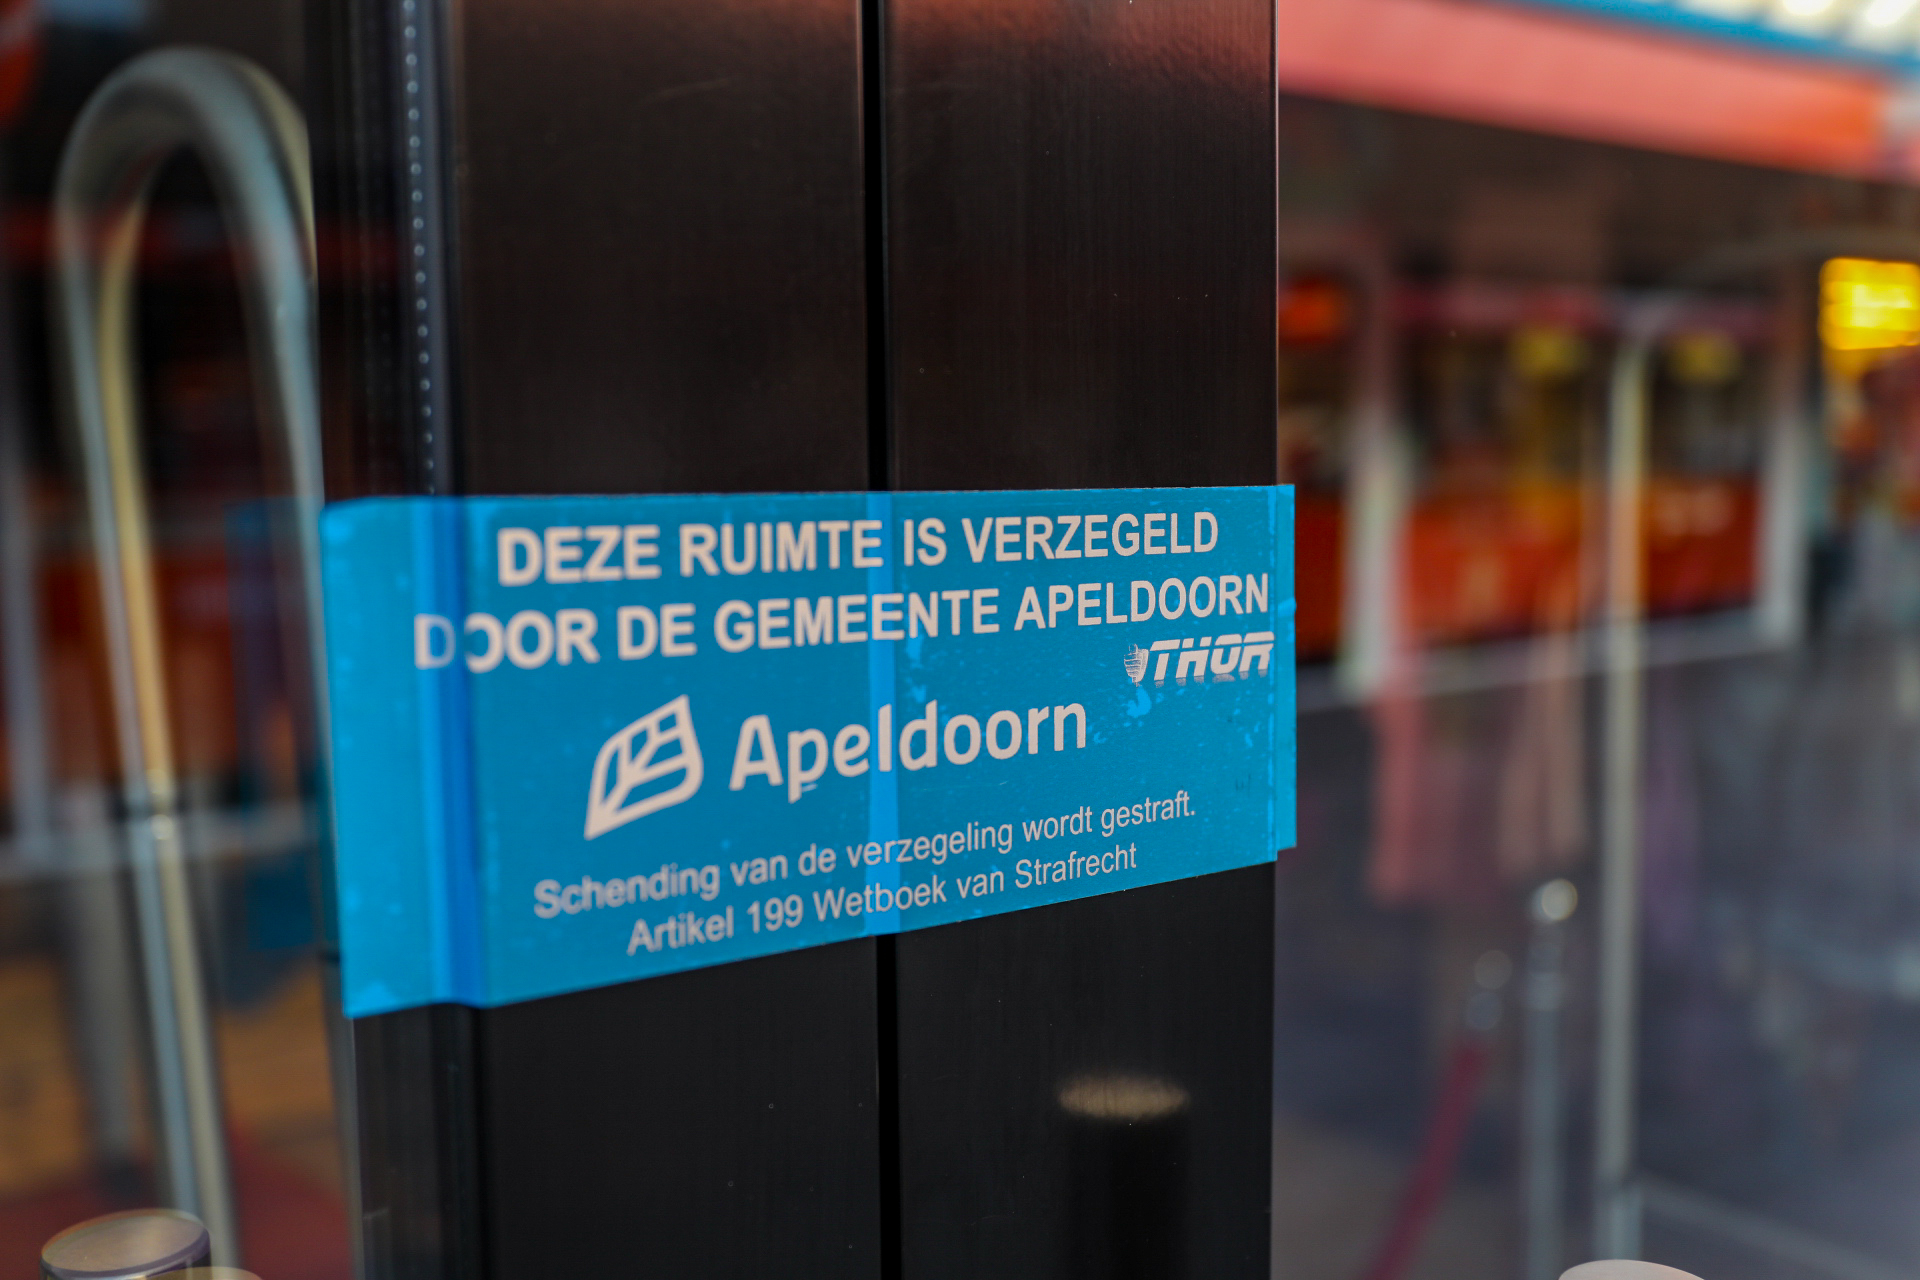 Burgermeester sluit kledingwinkel in Apeldoorn na negeren coronamaatregelen